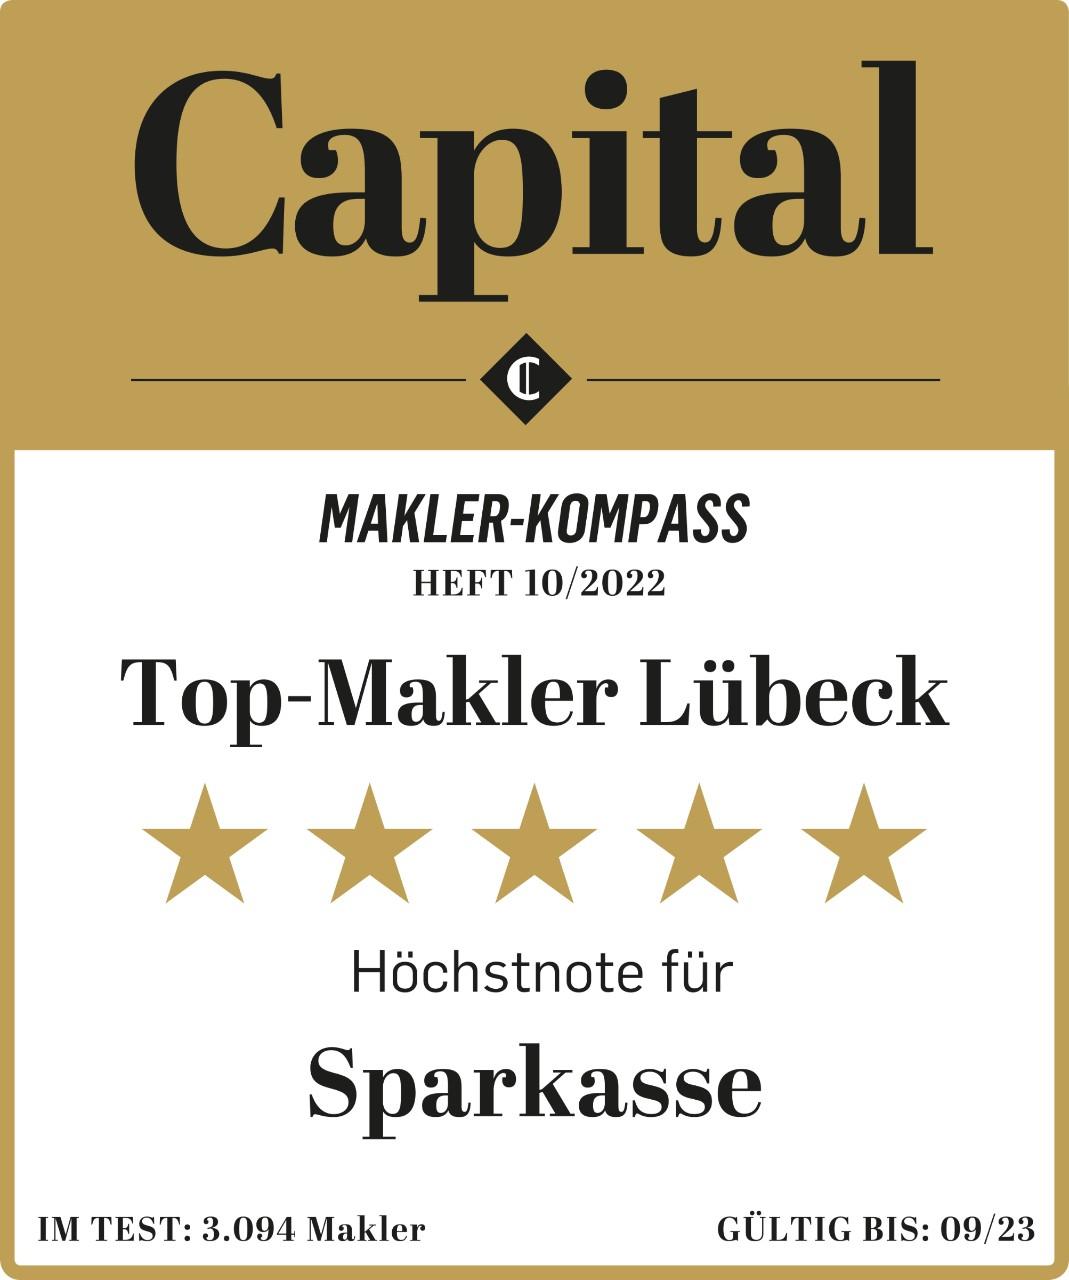 Cvv Nummer Ec Karte Sparkasse.Kartenverlust Auf Nummer Sicher Sparkasse Zu Lübeck